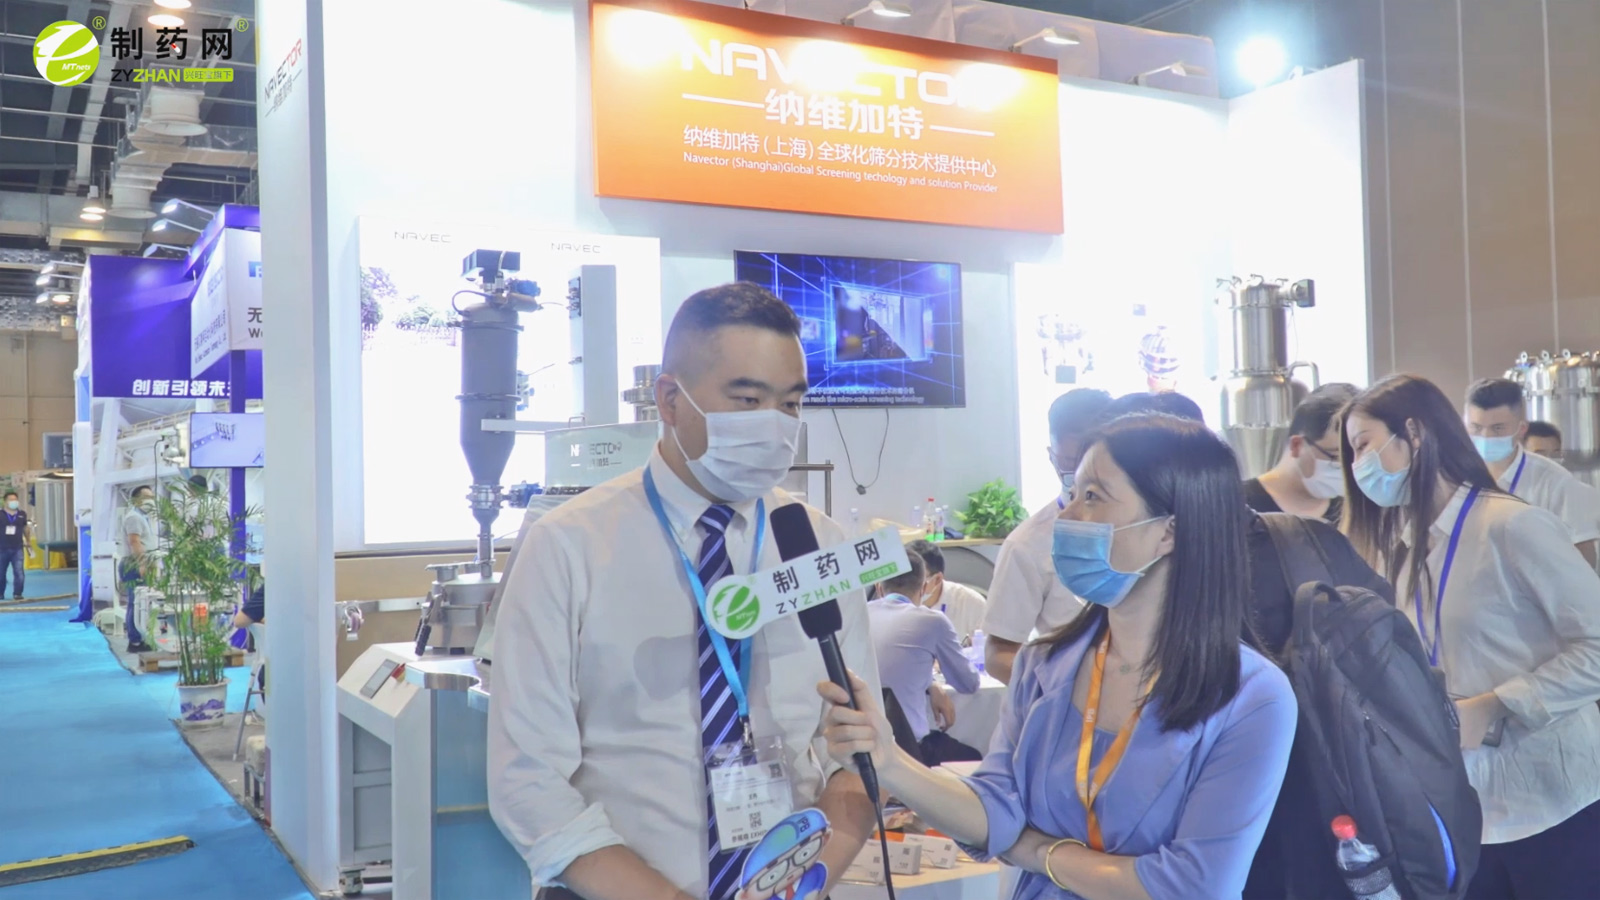 納維加特王丹:直擊醫藥領域篩分痛點